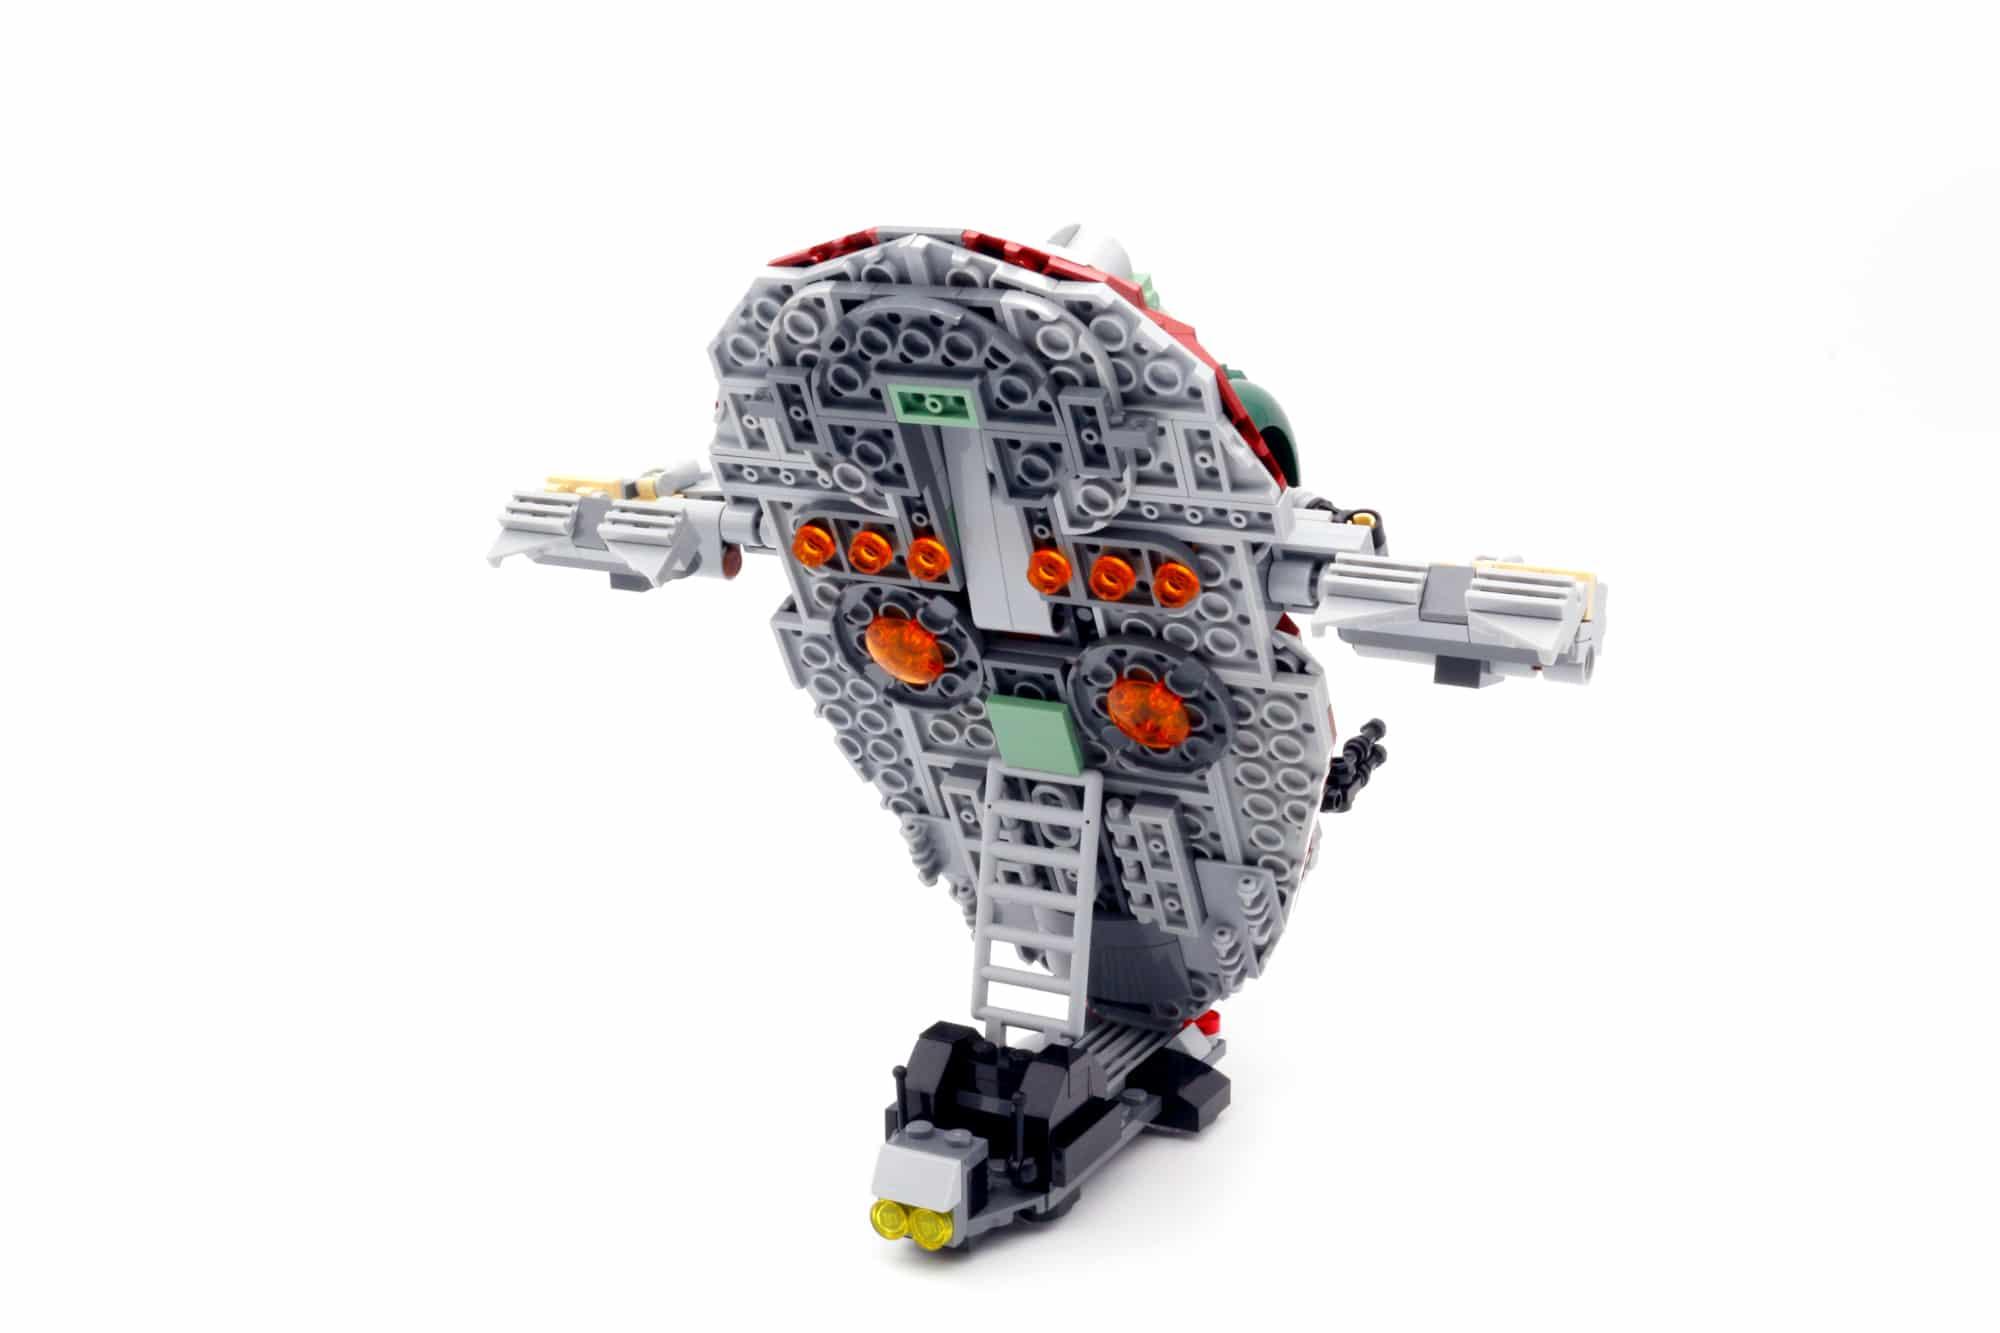 LEGO Star Wars 75312 Boba Fetts Starship 19